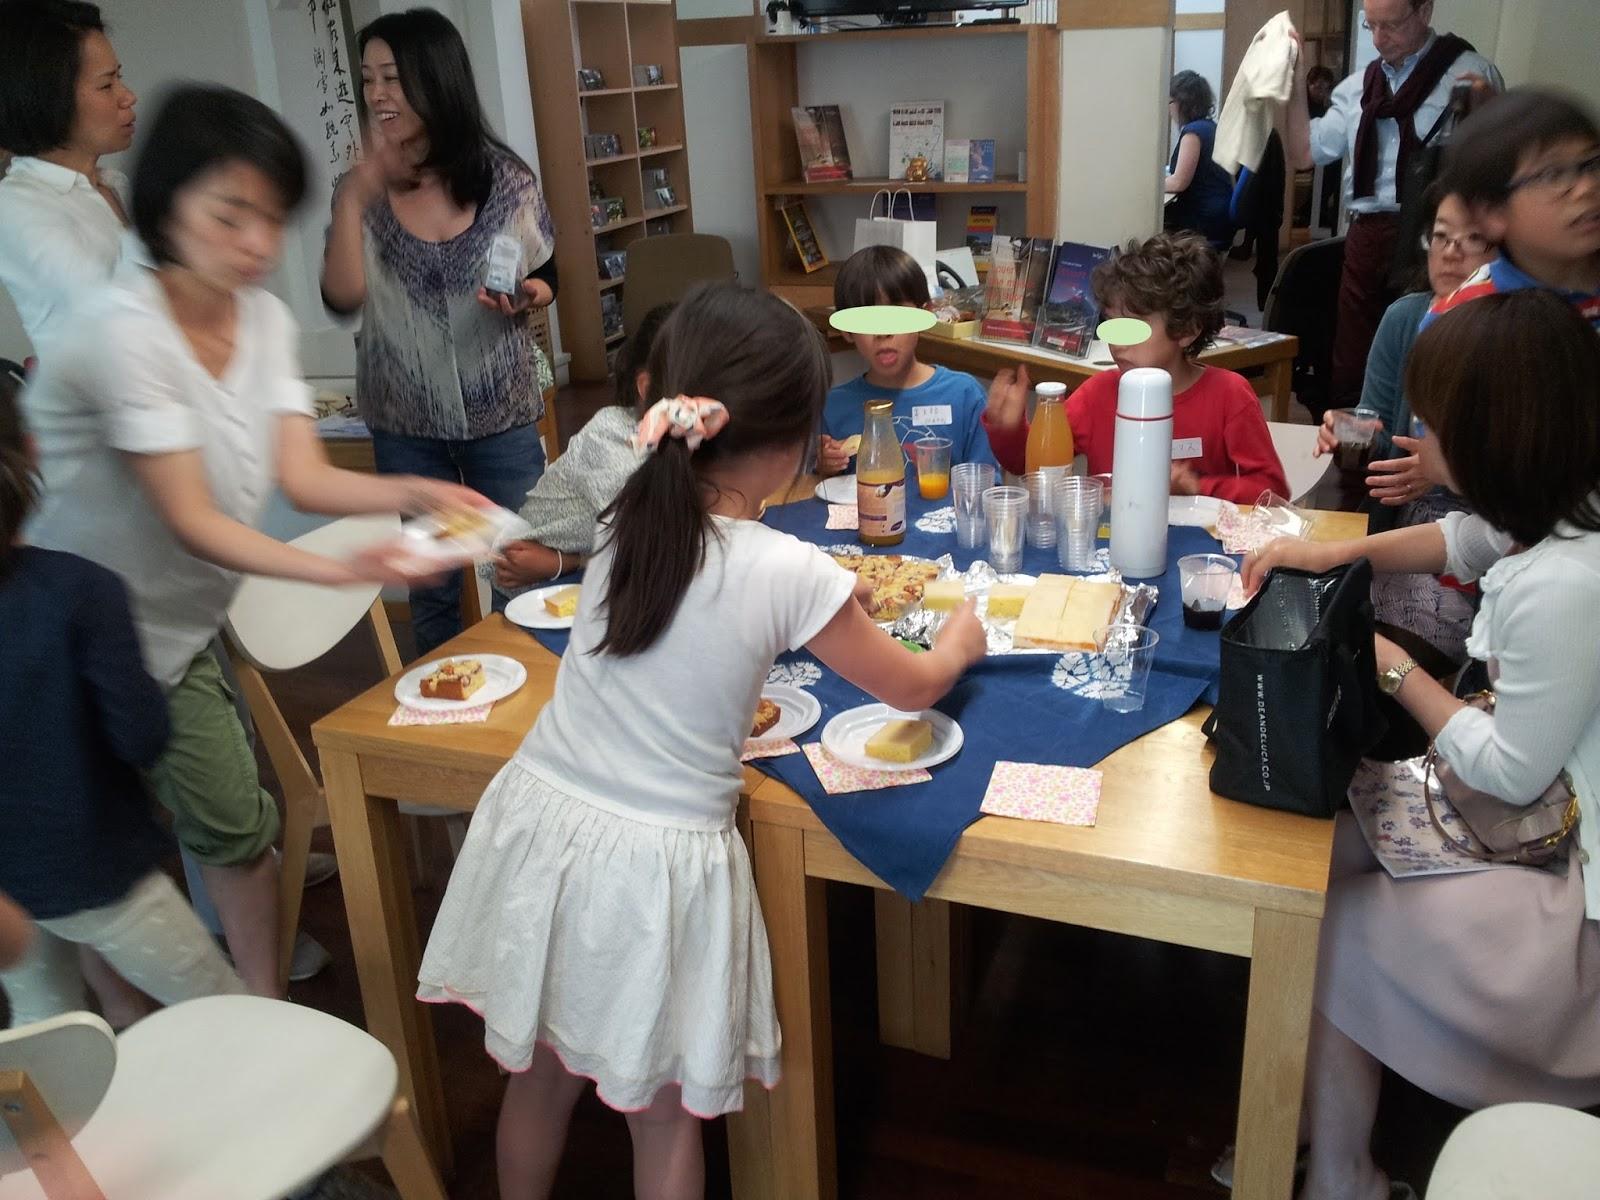 École Jungle課外授業:小学生クラス「江戸のこども」